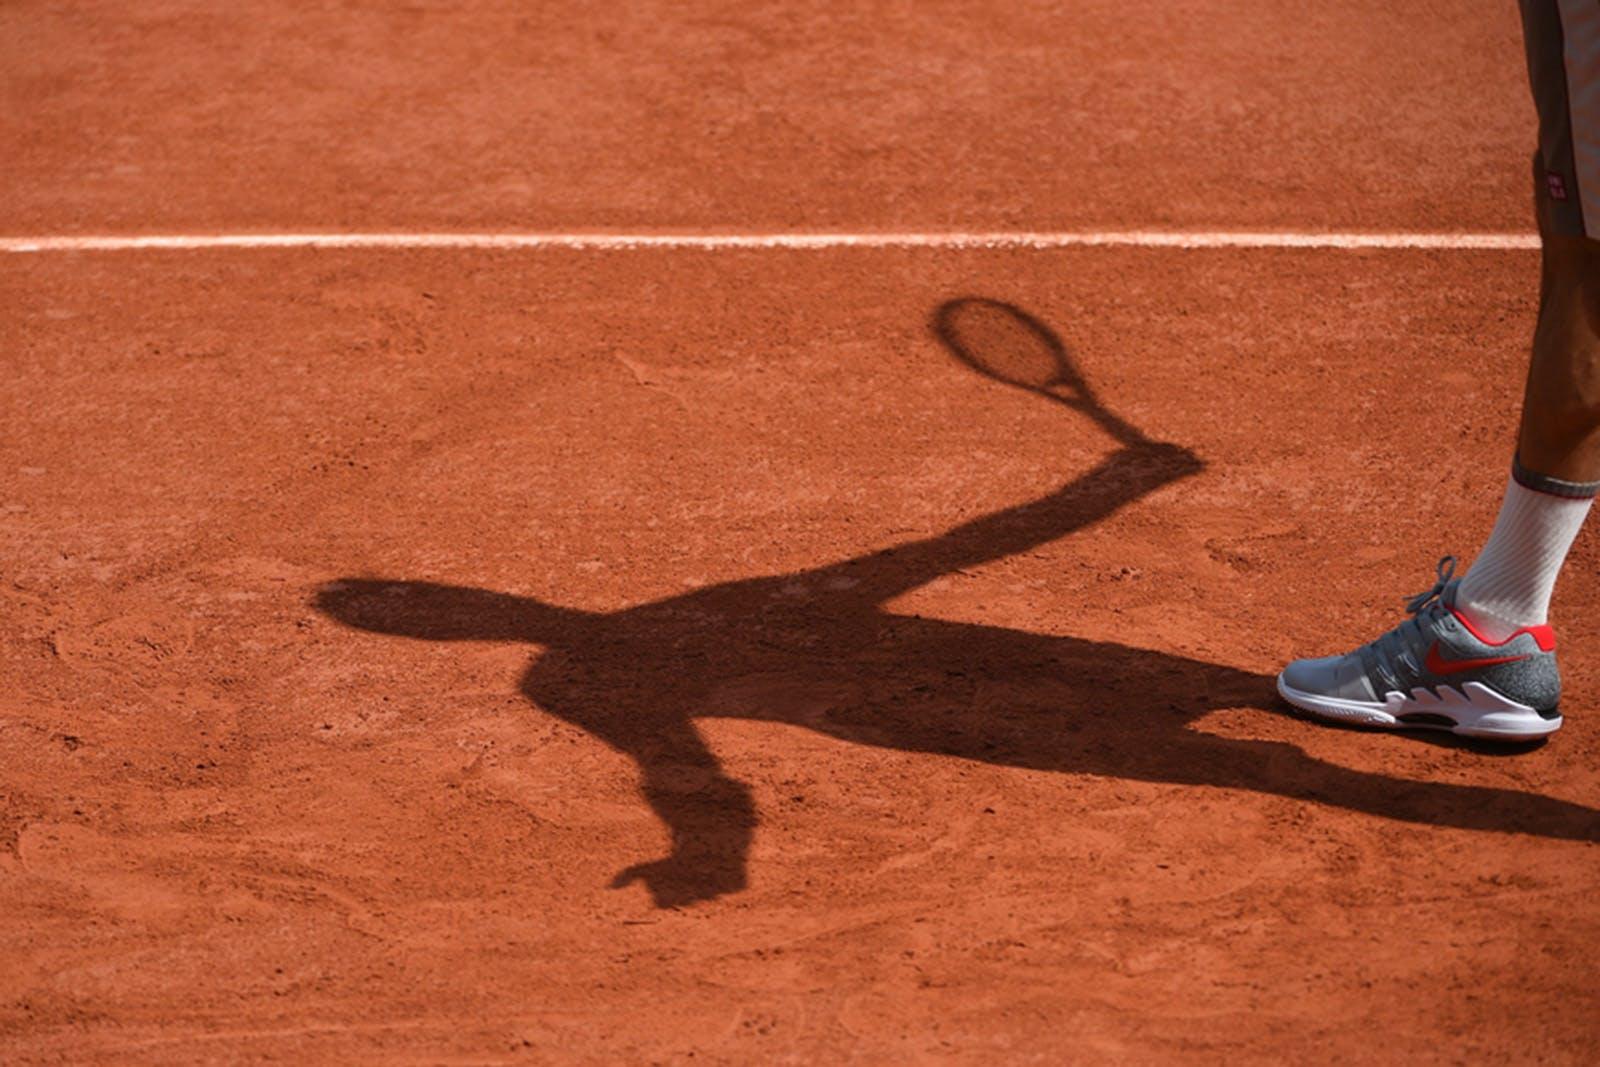 Roger Federer Roland-Garros 2019 - practice